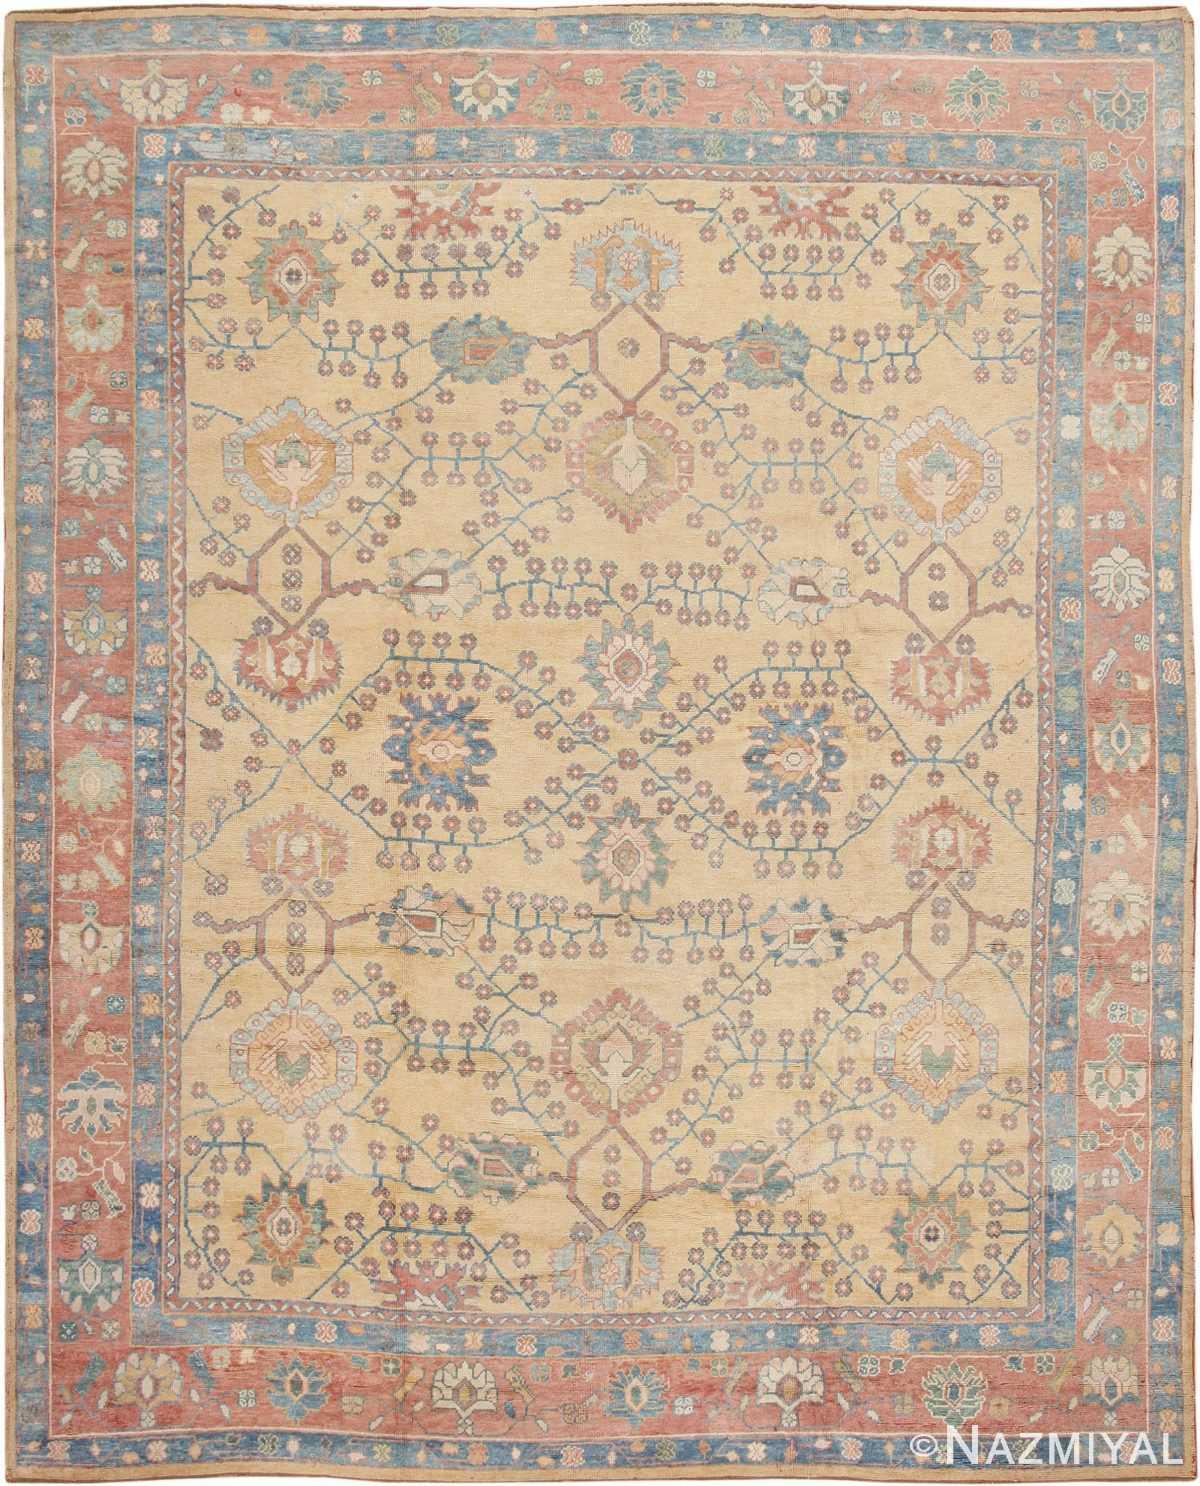 Vintage Turkish Carpet 47402 Detail/Large View